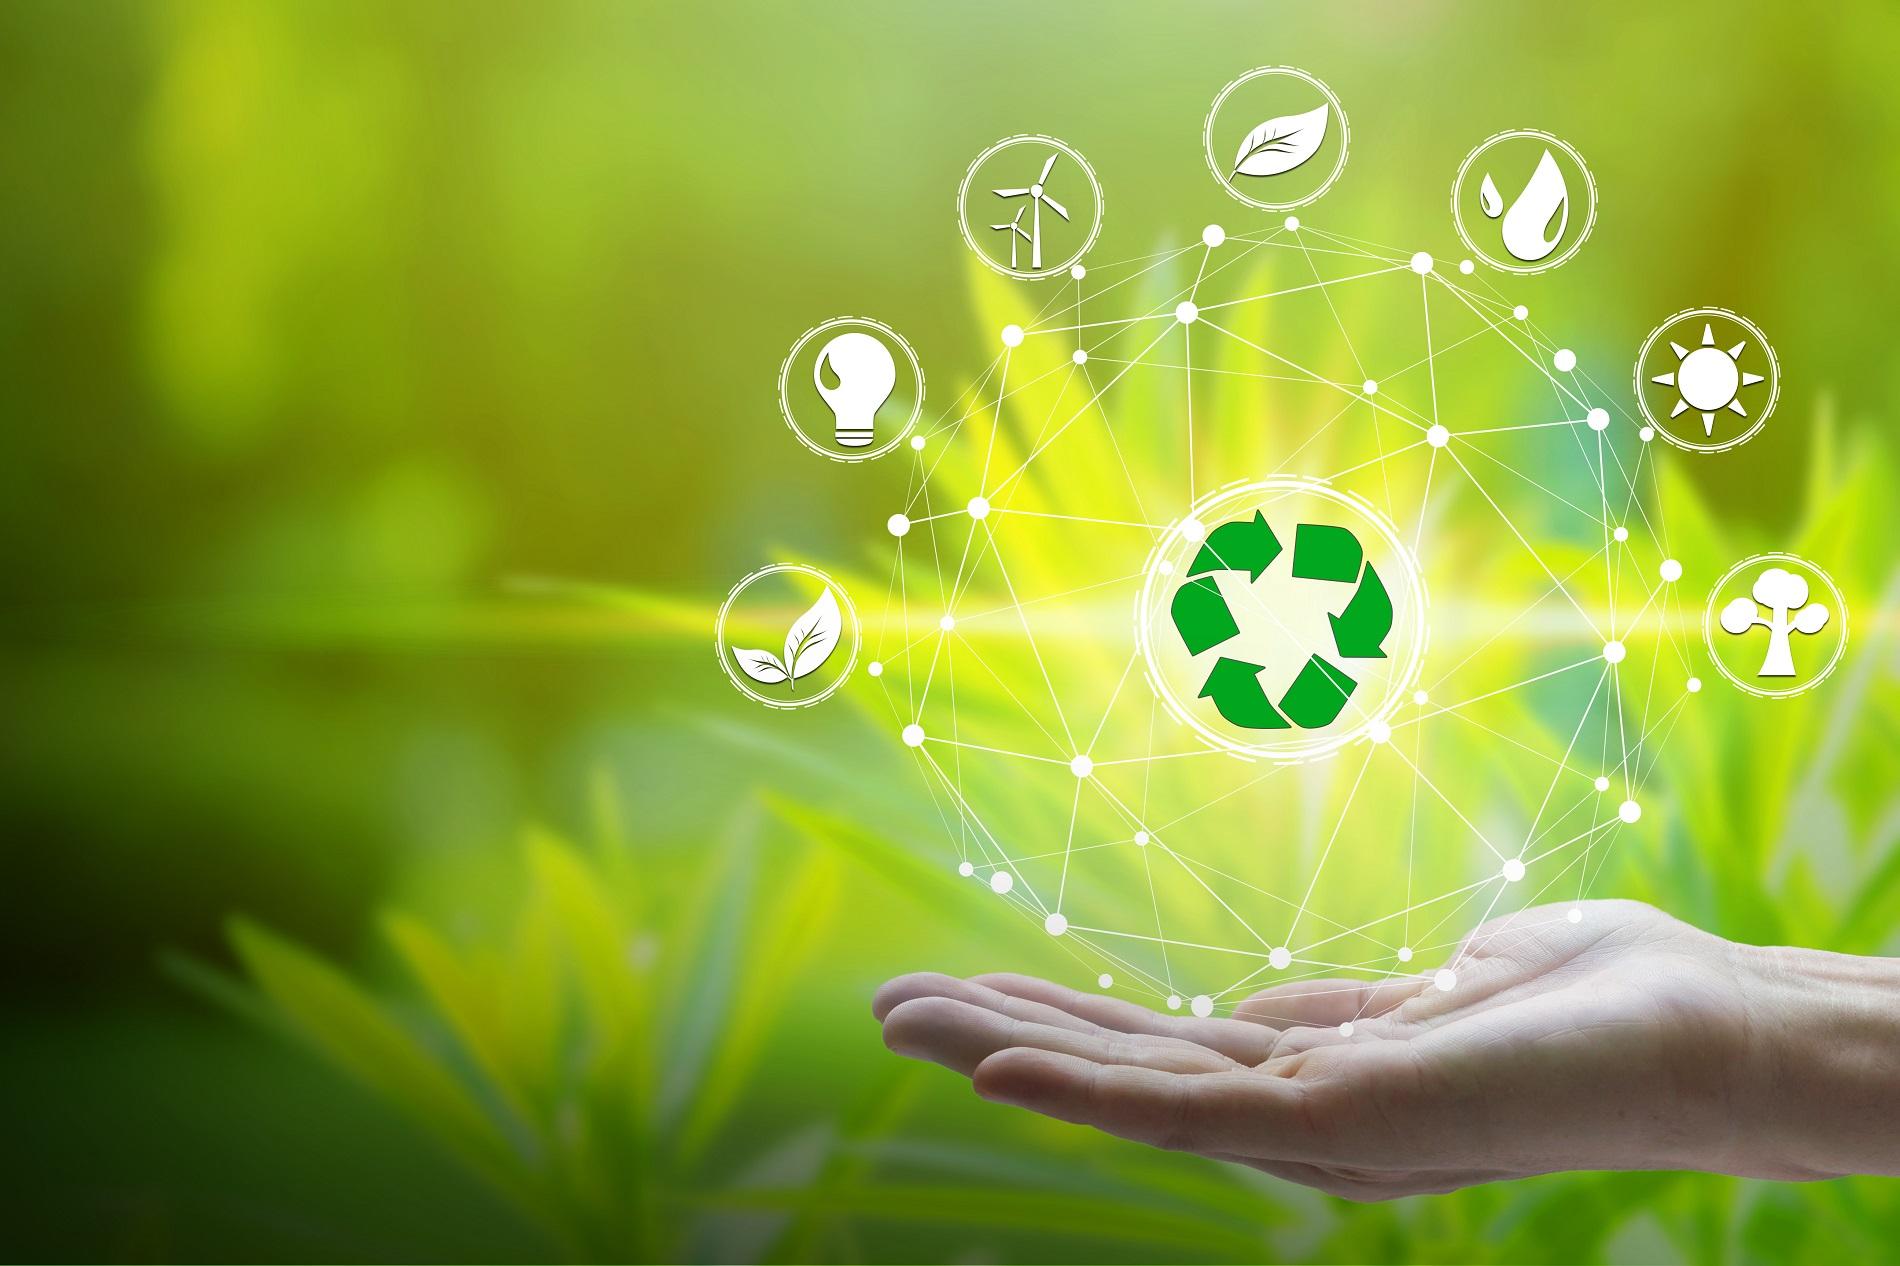 ¿Por qué la economía circular es clave para avanzar hacia una agricultura más sostenible?